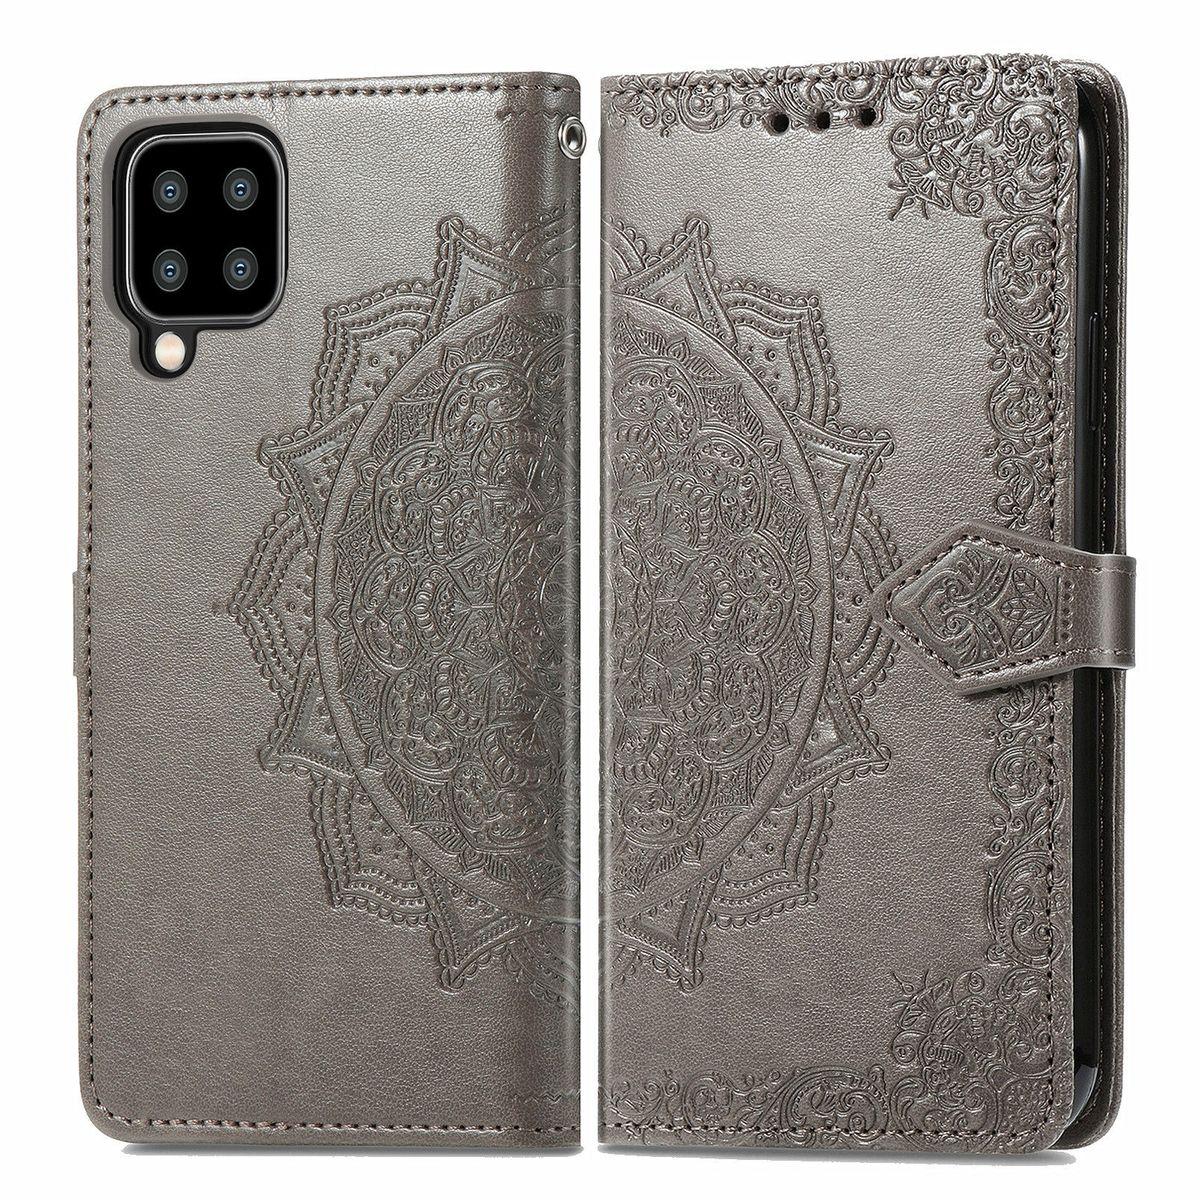 Samsung Galaxy A22 5G Tasche Handy Hülle Schutz-Cover Flip-Case mit Kartenfach Grau